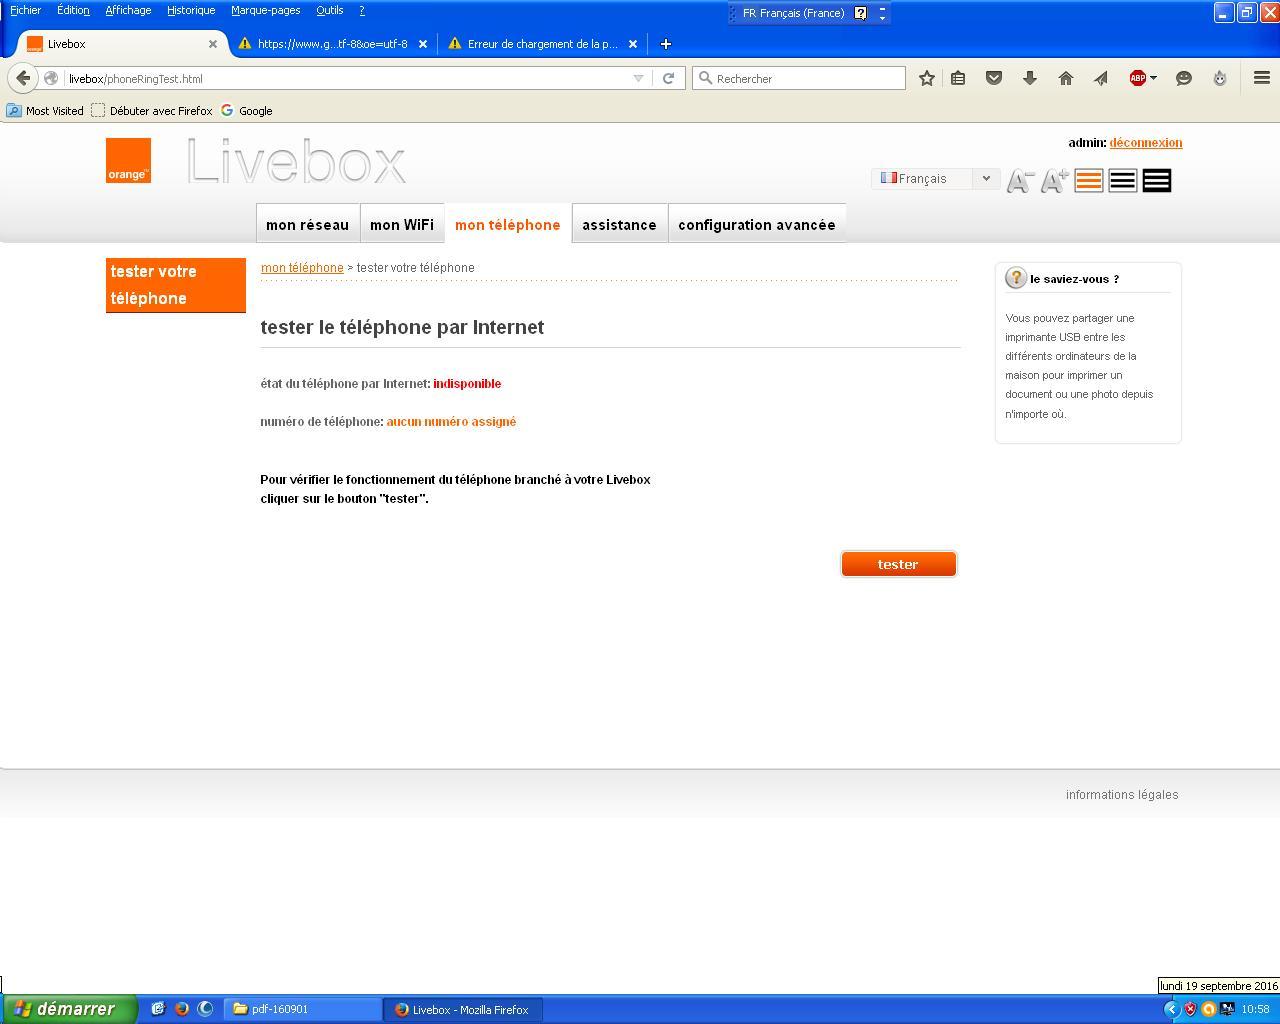 Impossible d émettre des appels depuis le fixe - Communauté Orange e3b1e62c6db